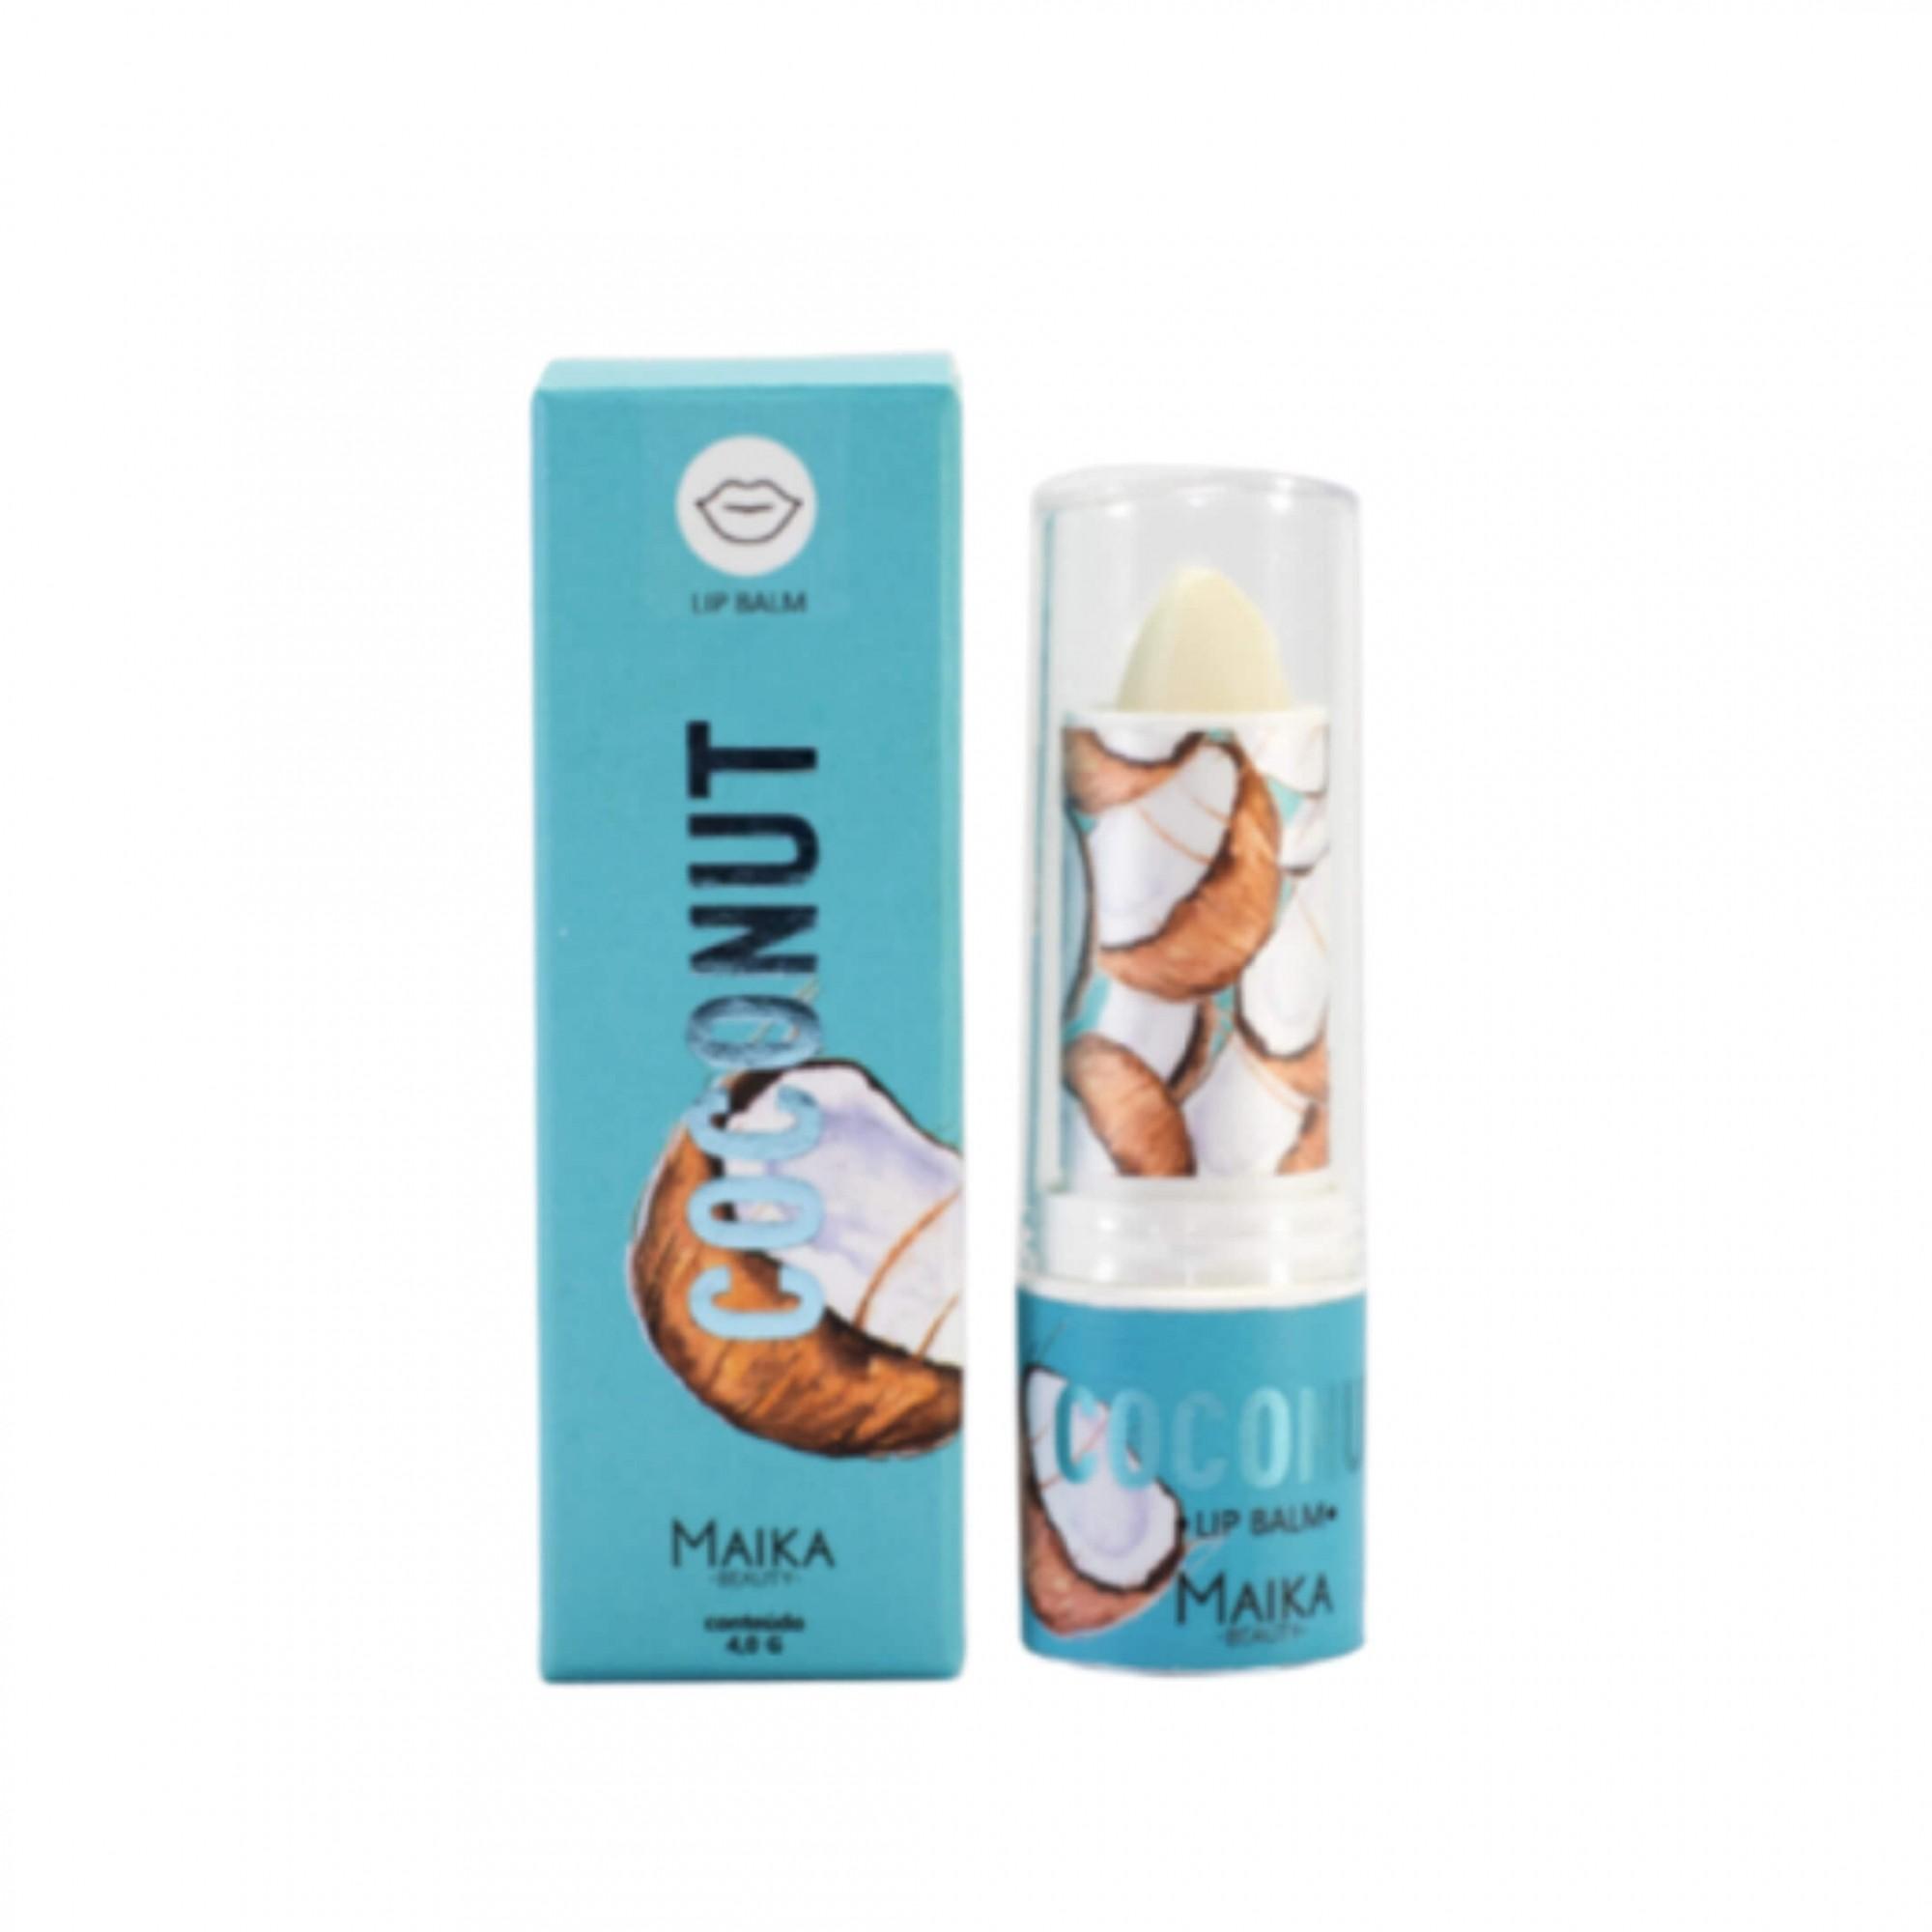 Coconut Lip Balm - Maika Beauty 4g